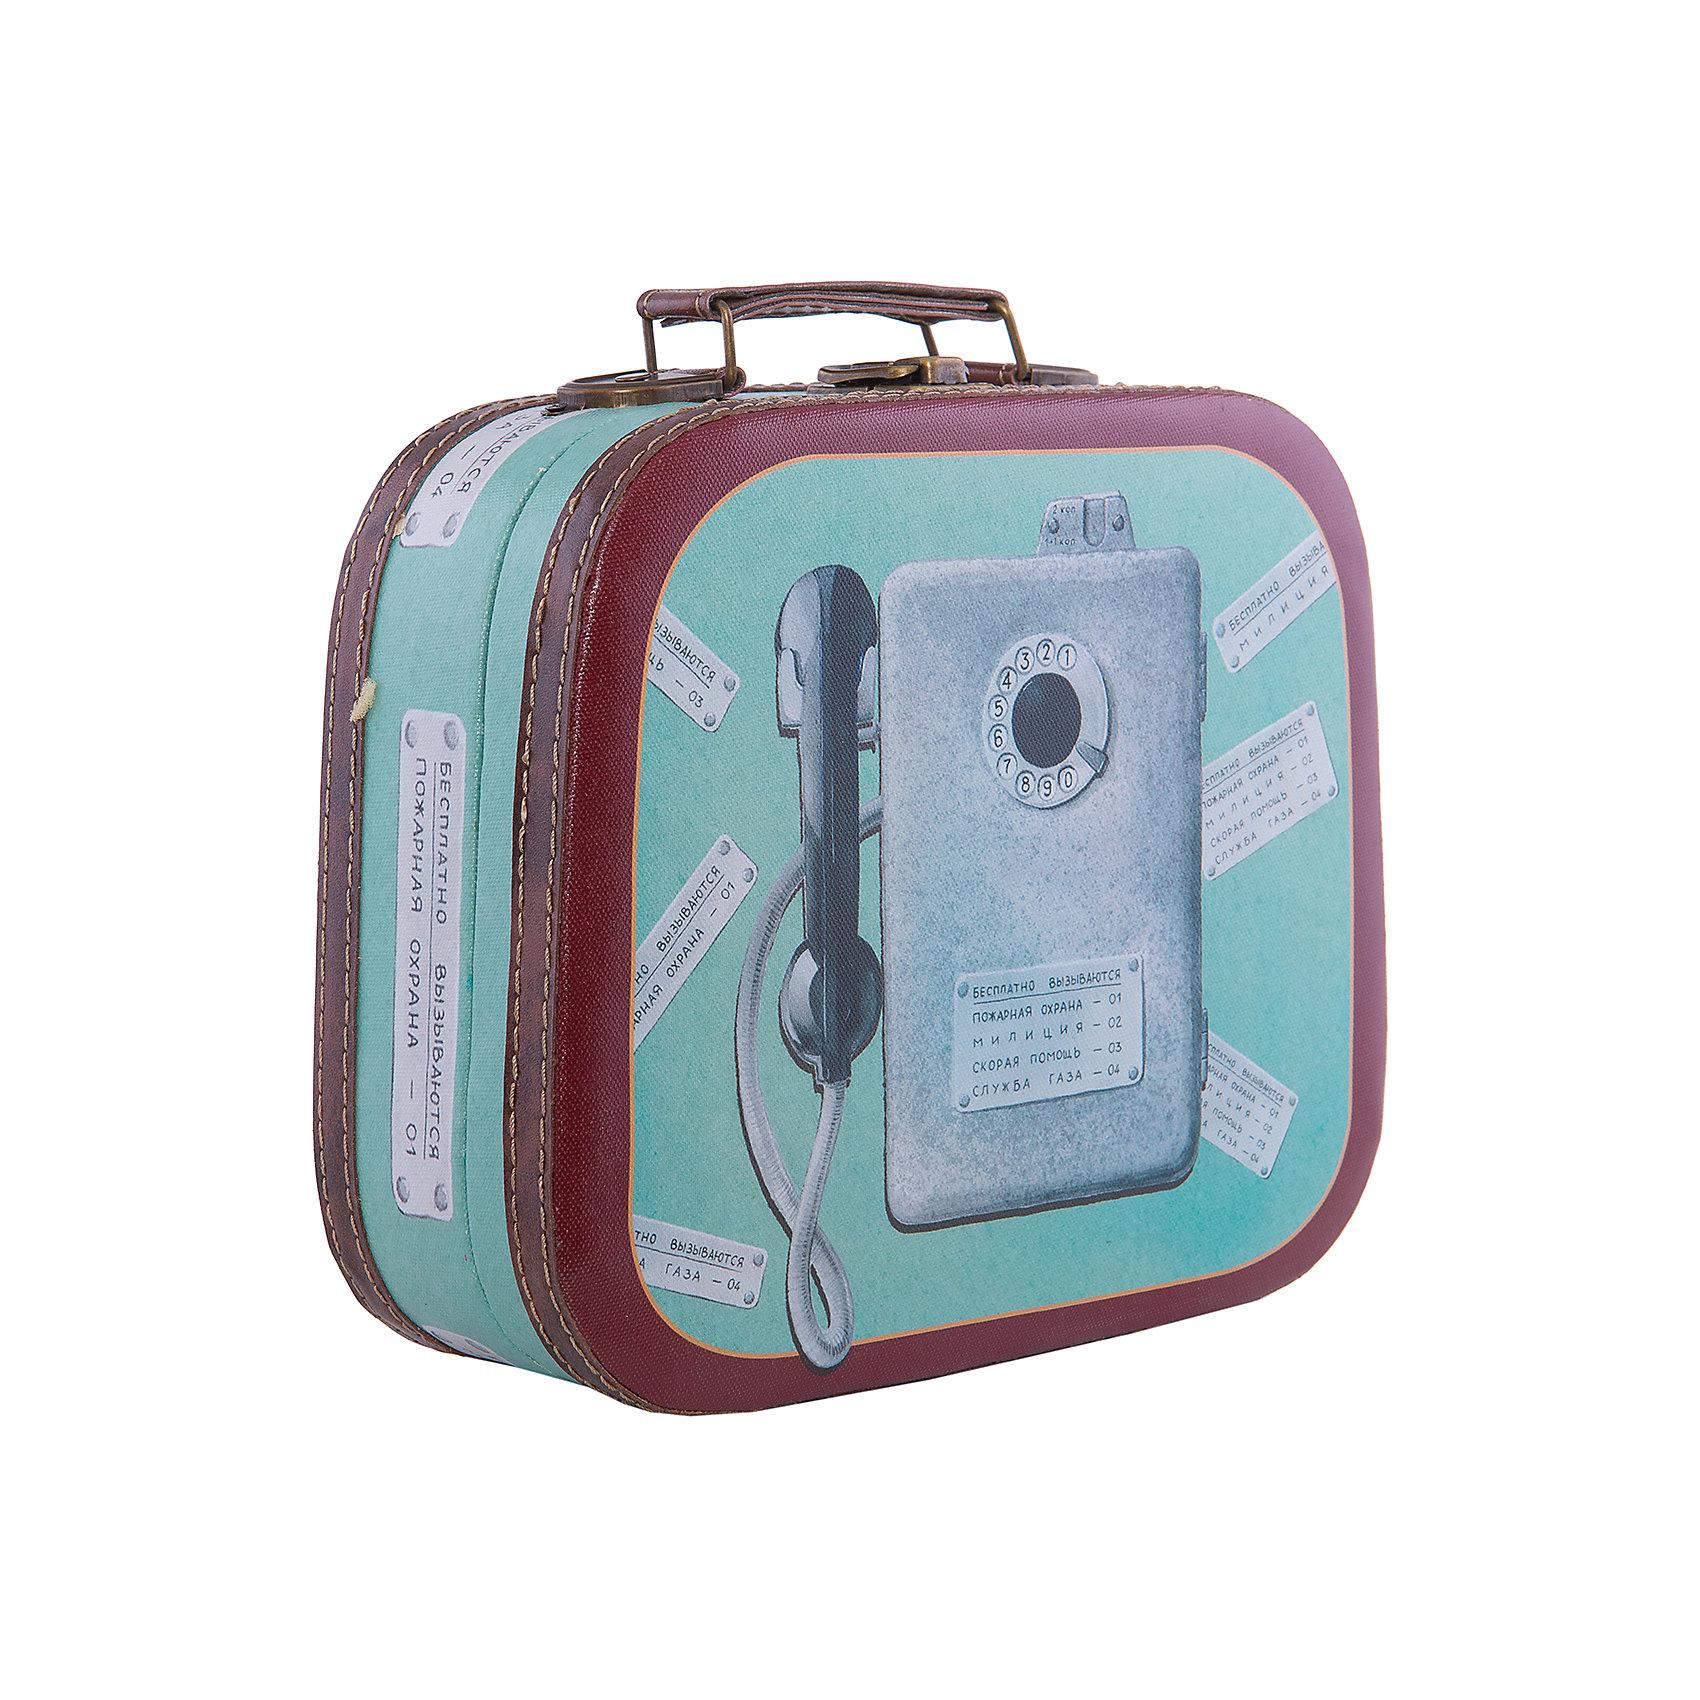 Шкатулка декоративная  ТаксофонДекоративная шкатулка Таксофон изготовлена из материалов высокого качества, выполнена в форме сумочки, имеет удобную ручку и декорирована оригинальным рисунком таксофоном. В этой шкатулке удобно будет хранить самые ценные предметы и различные безделушки.<br><br>Дополнительная информация:<br>Материал: МДФ<br>Размер: 10,5х28,5х25 см<br>Вес: 710 грамм<br>Декоративную шкатулку Таксофон вы можете приобрести в нашем интернет-магазине.<br><br>Ширина мм: 300<br>Глубина мм: 430<br>Высота мм: 490<br>Вес г: 600<br>Возраст от месяцев: 84<br>Возраст до месяцев: 216<br>Пол: Унисекс<br>Возраст: Детский<br>SKU: 4957988